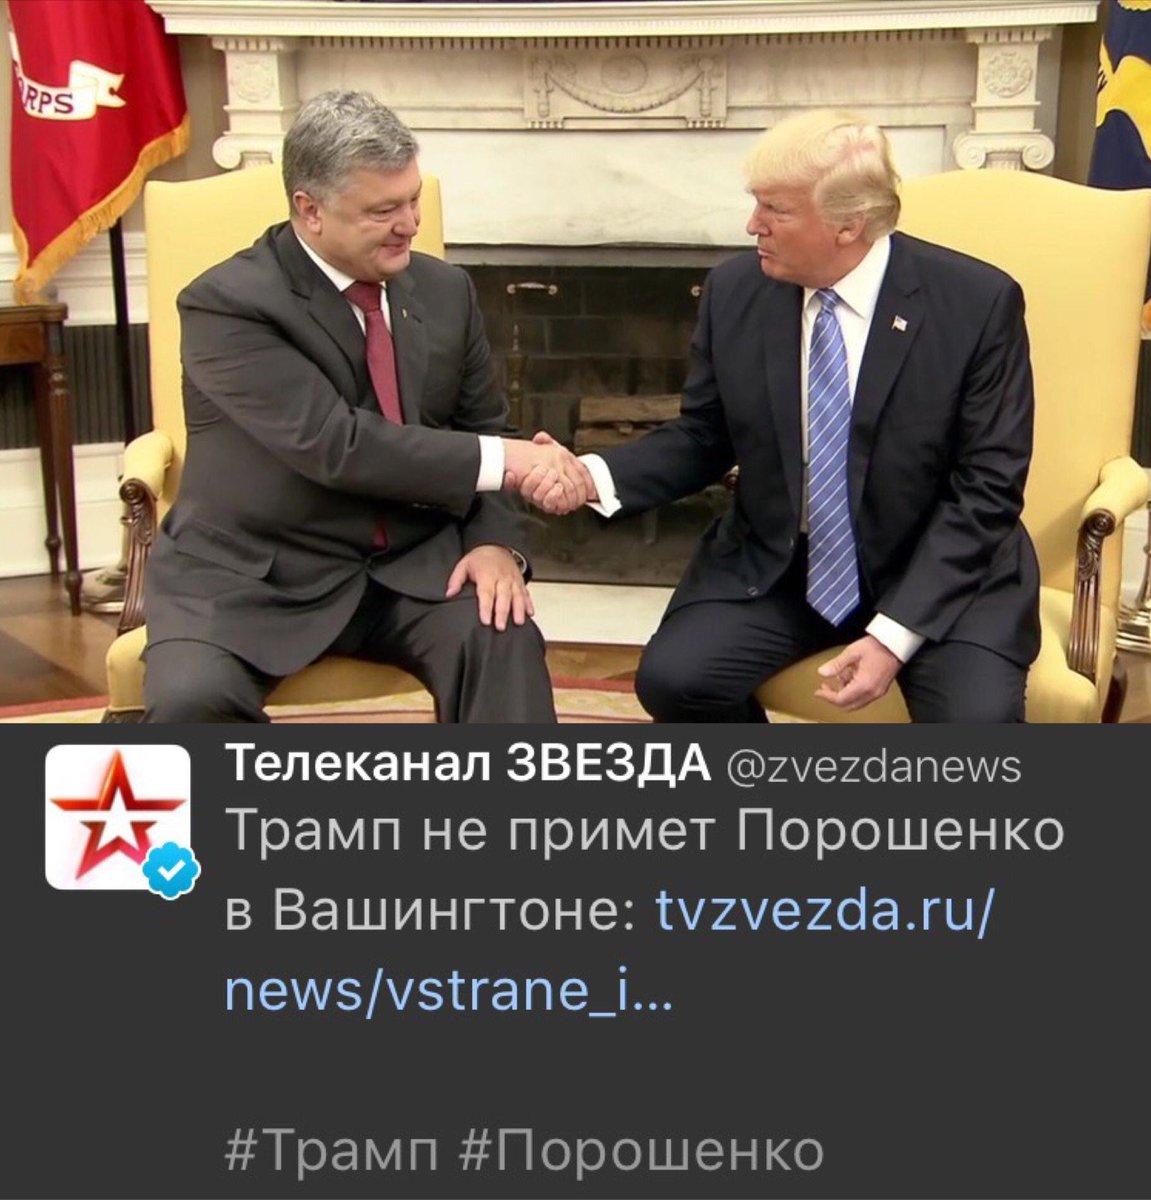 Порошенко провел переговоры с Трампом - Цензор.НЕТ 6469